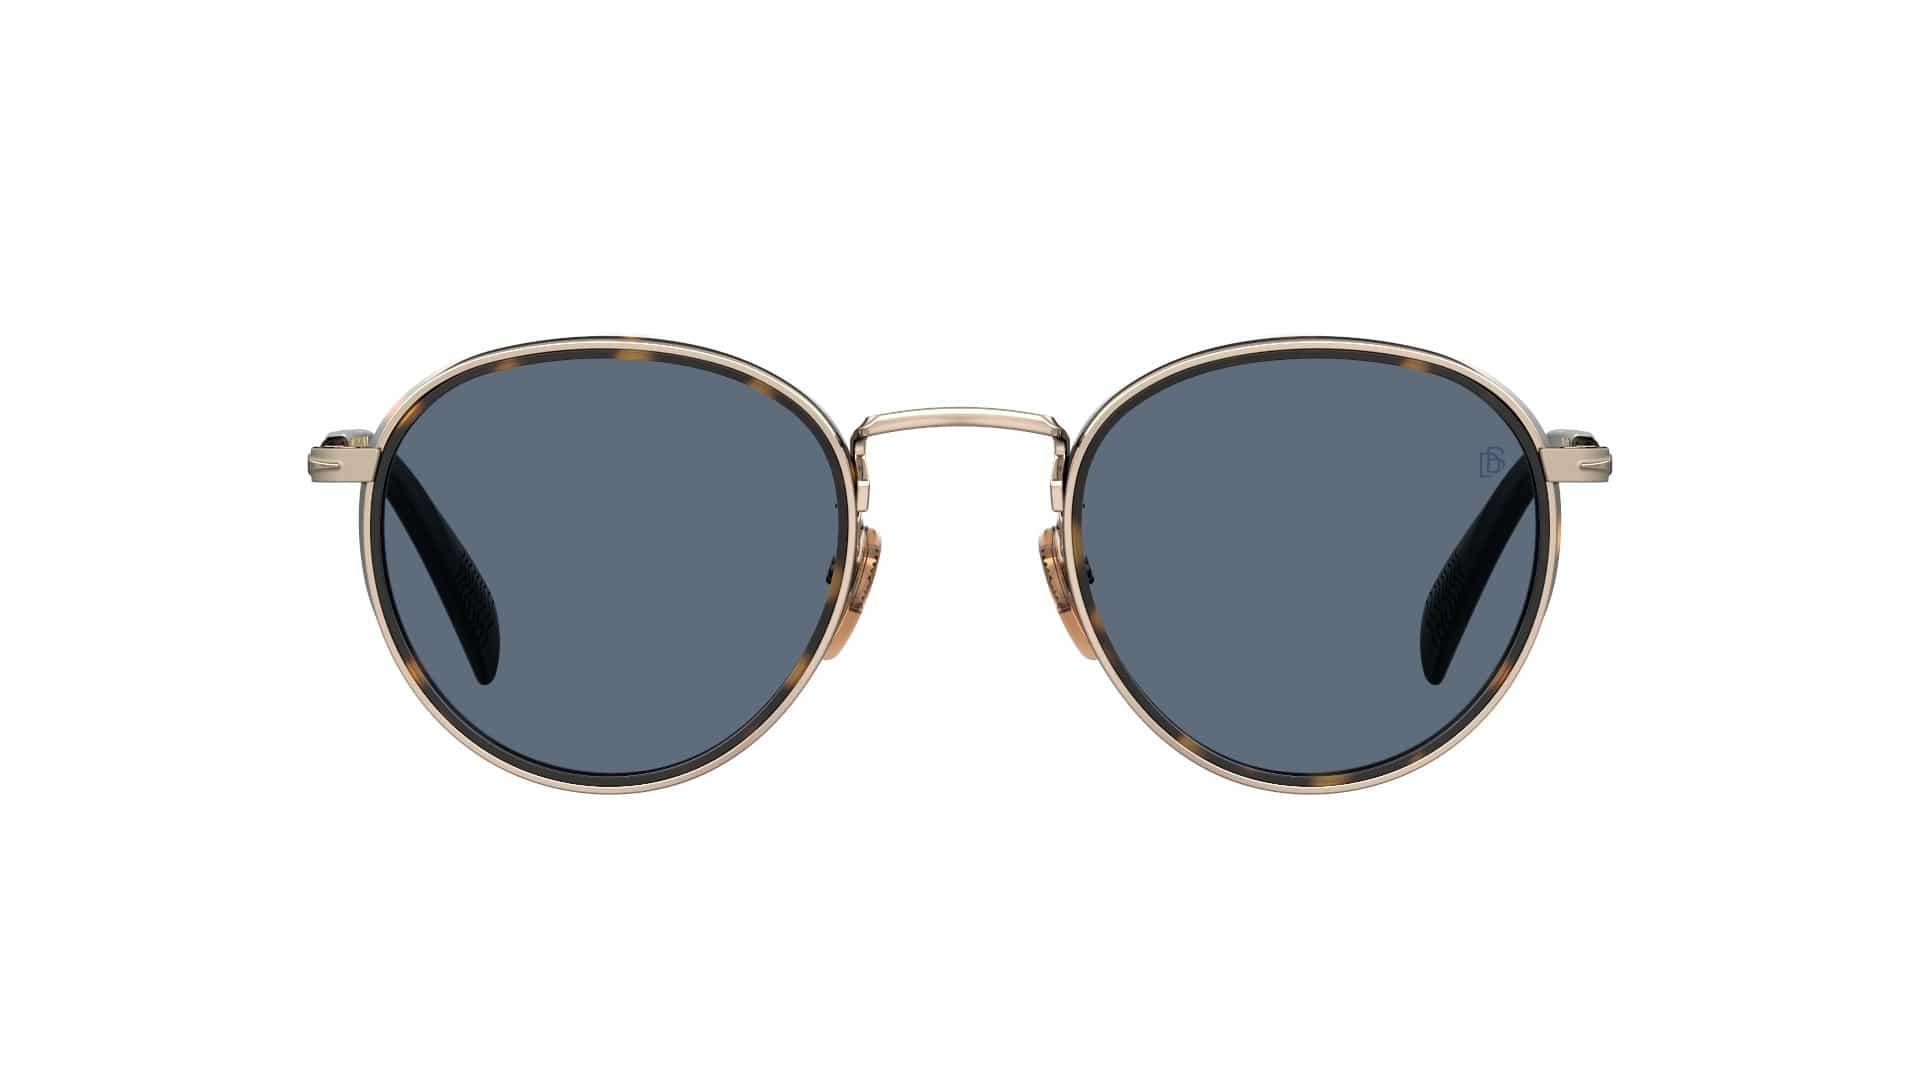 Fique a conhecer a nova coleção de óculos 'by' David Beckham